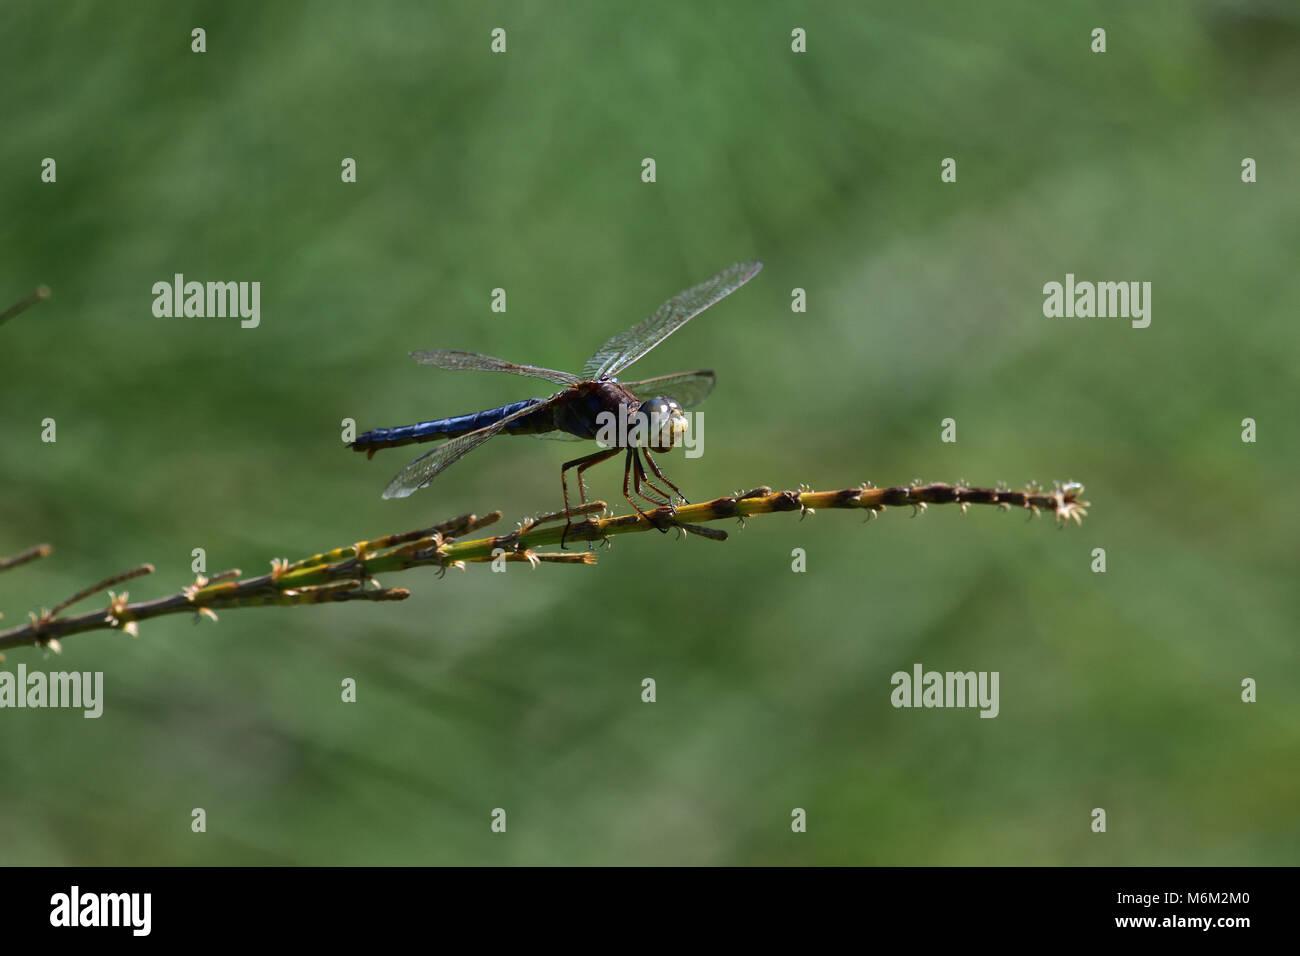 Un australiano giovane maschio a testa nera libellula Skimmer in appoggio su una pianta stelo Foto Stock